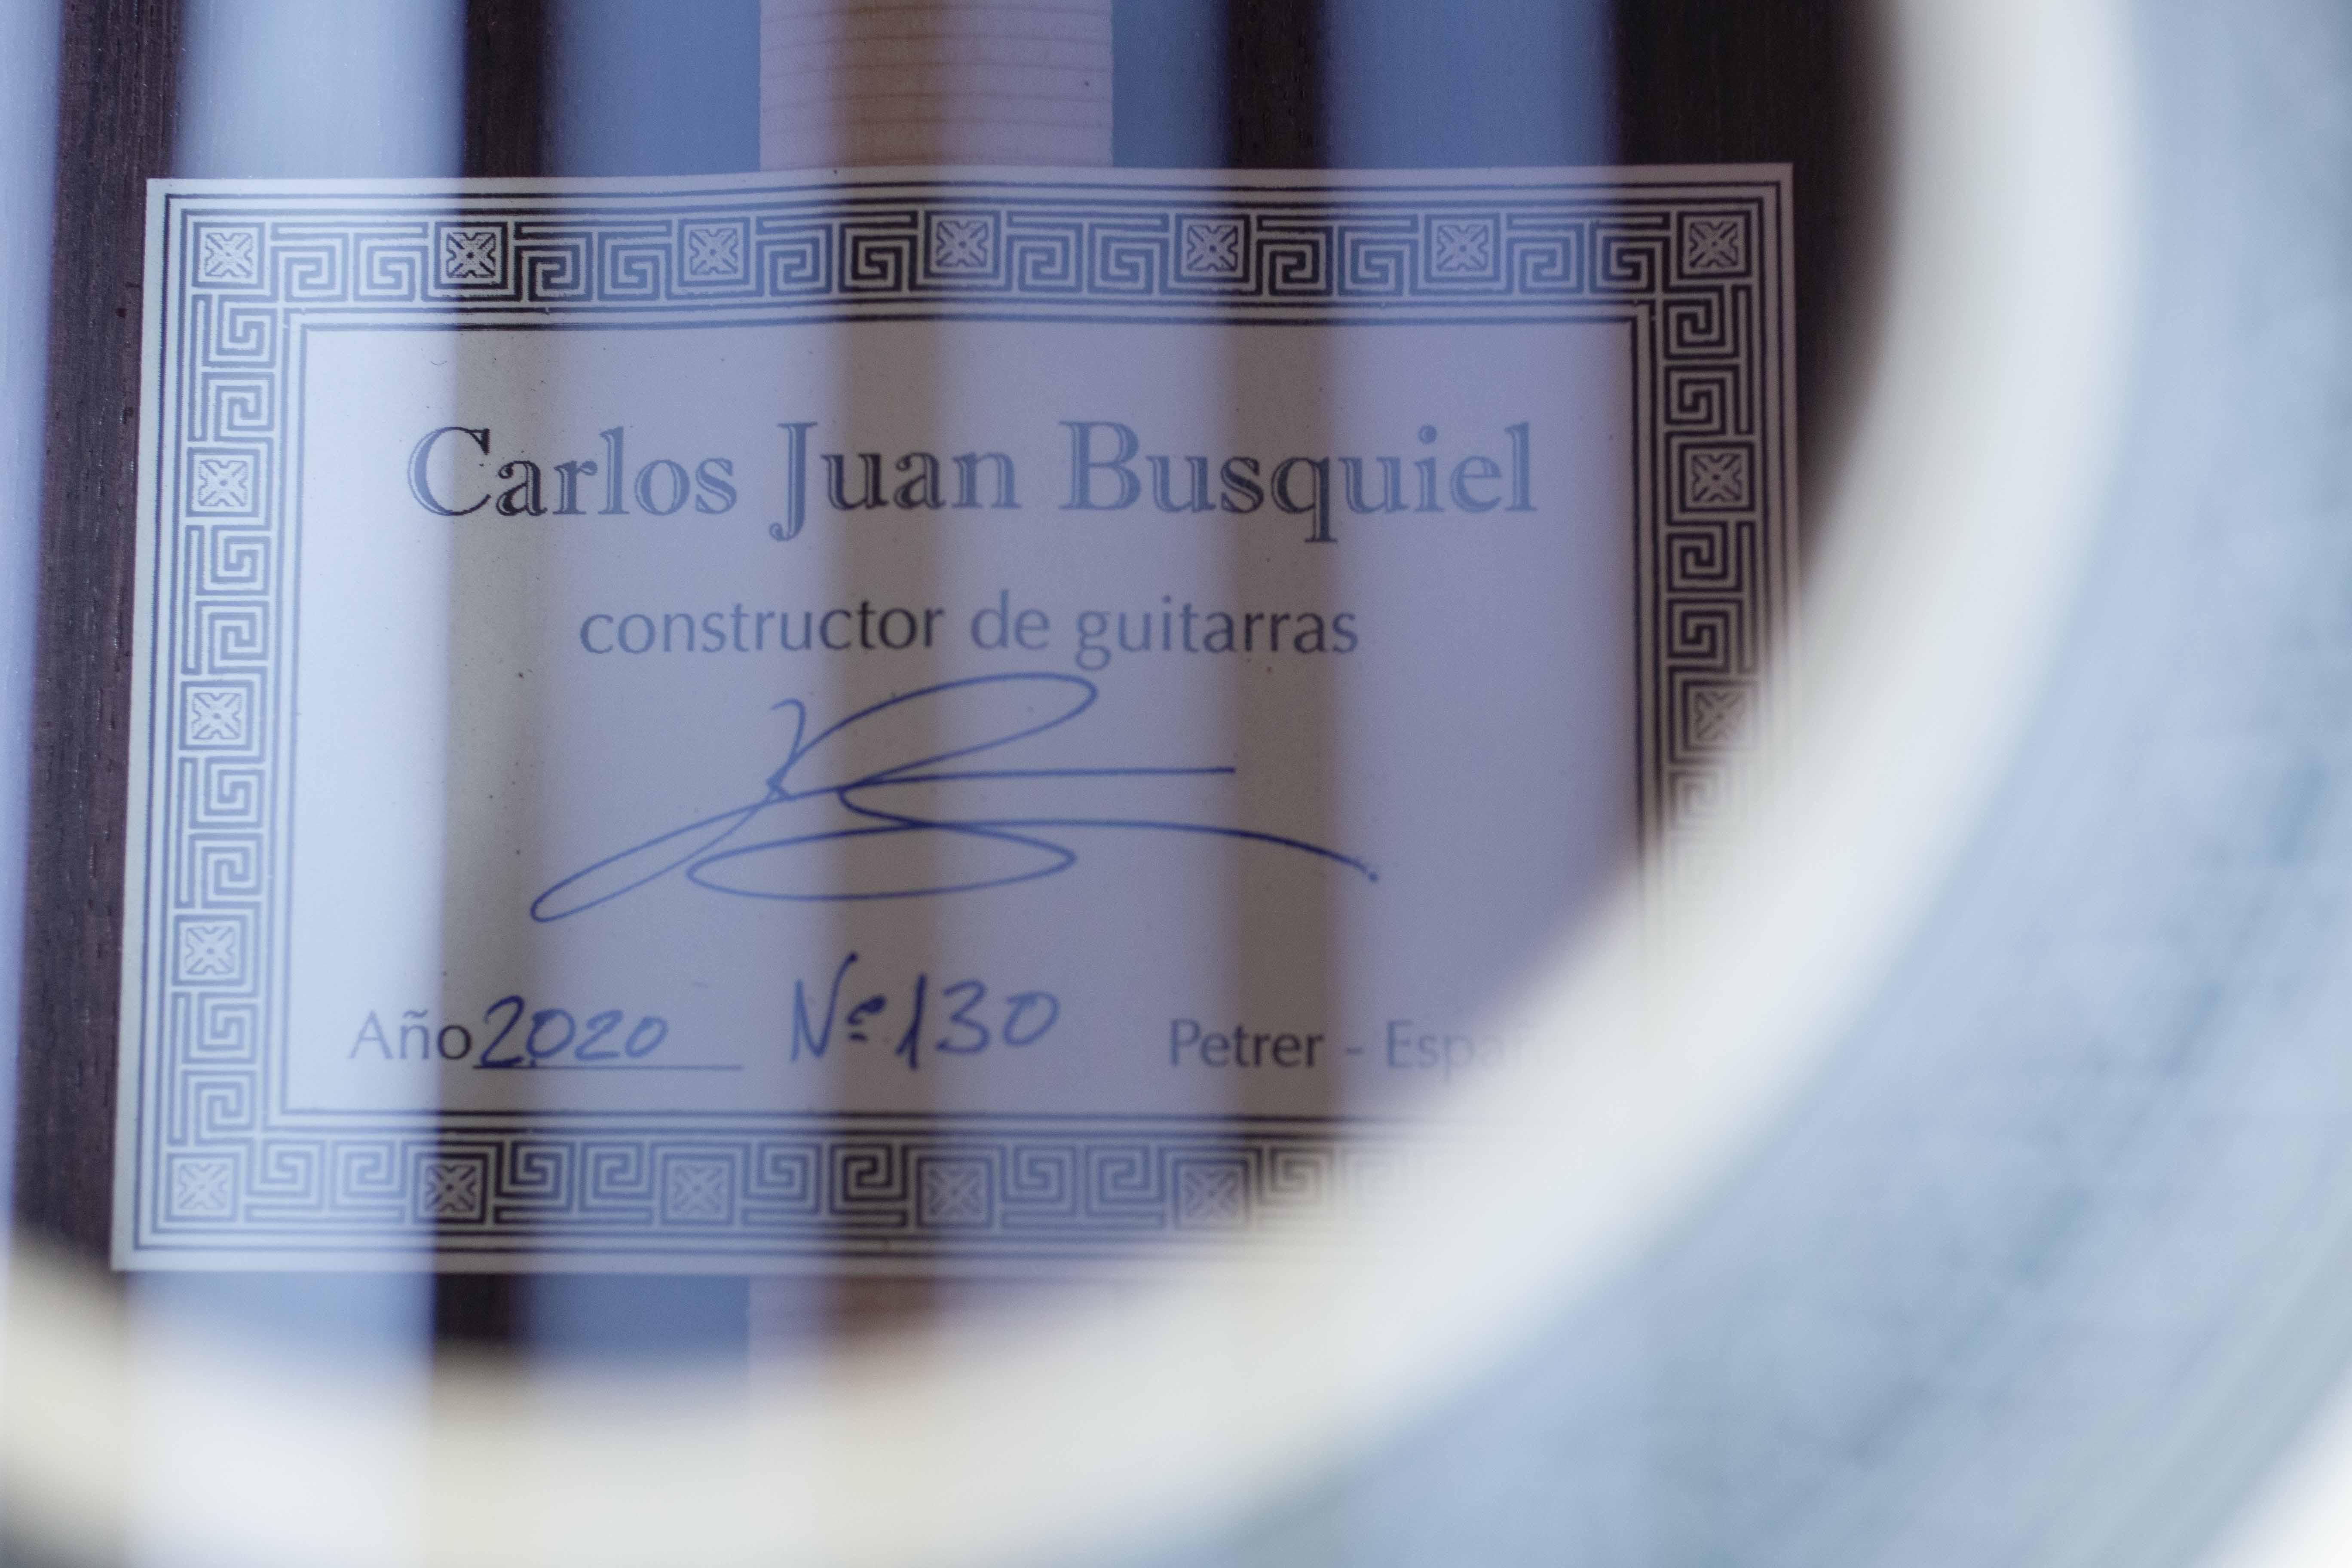 Busquiel 2020 EJuan Carlos Busquiel 2020